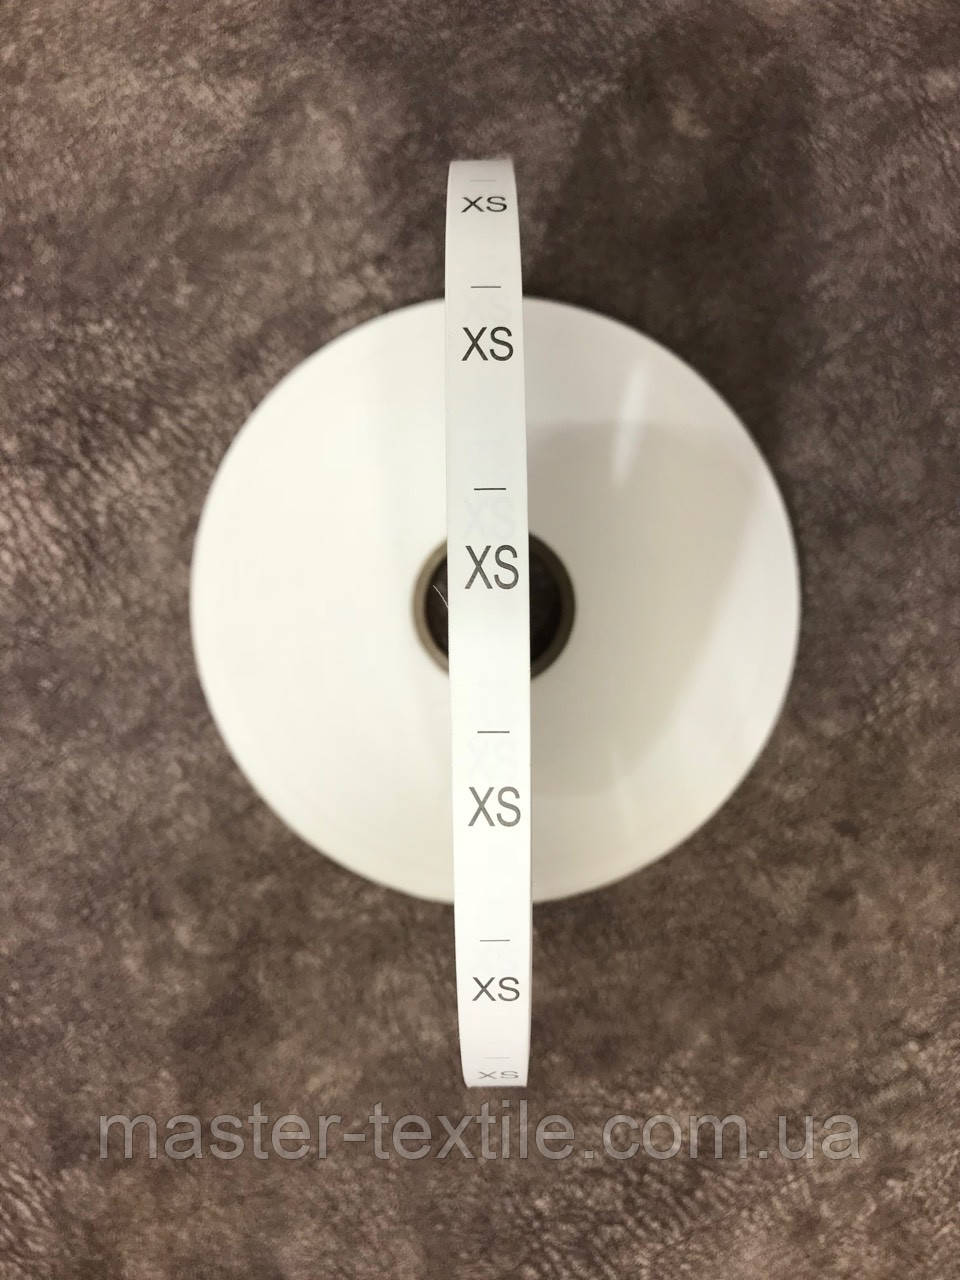 Размерник пришивной № XS, 200 м